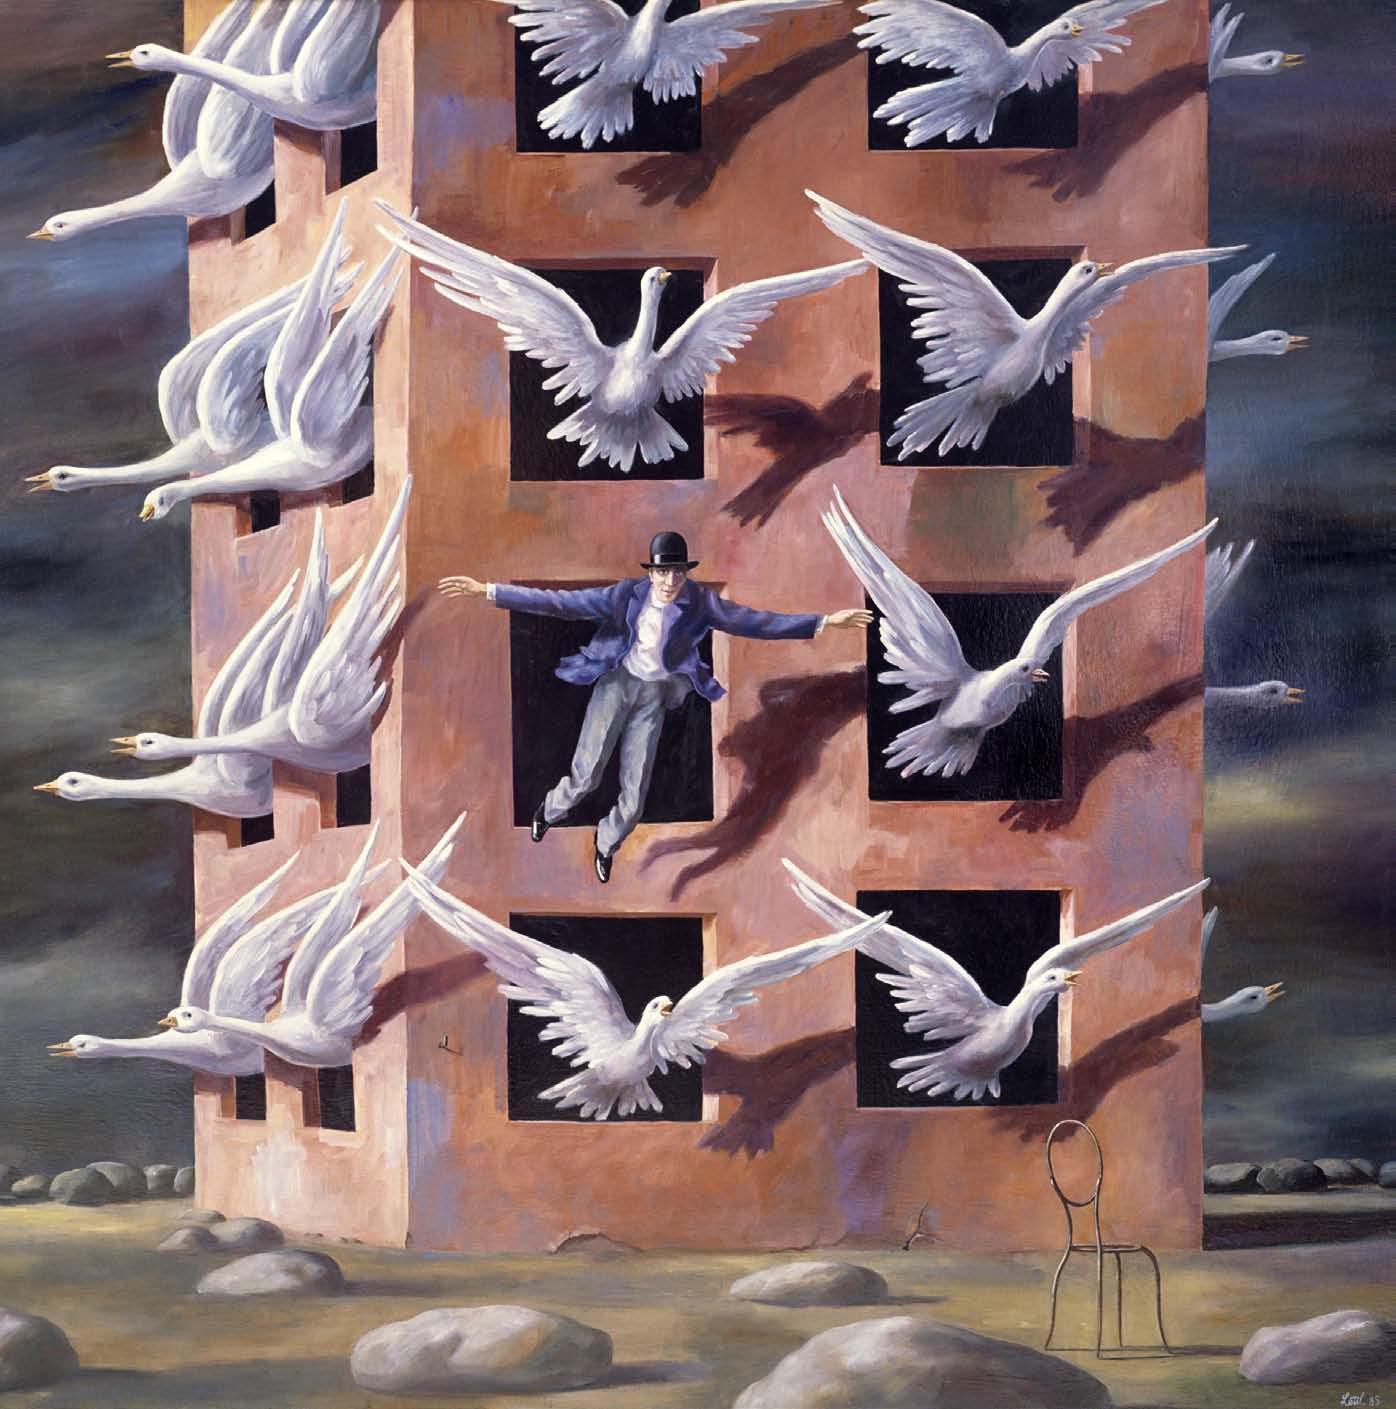 """Wolfgang Lettl, """"Die große Freiheit"""", 1985, www.lettl.de"""